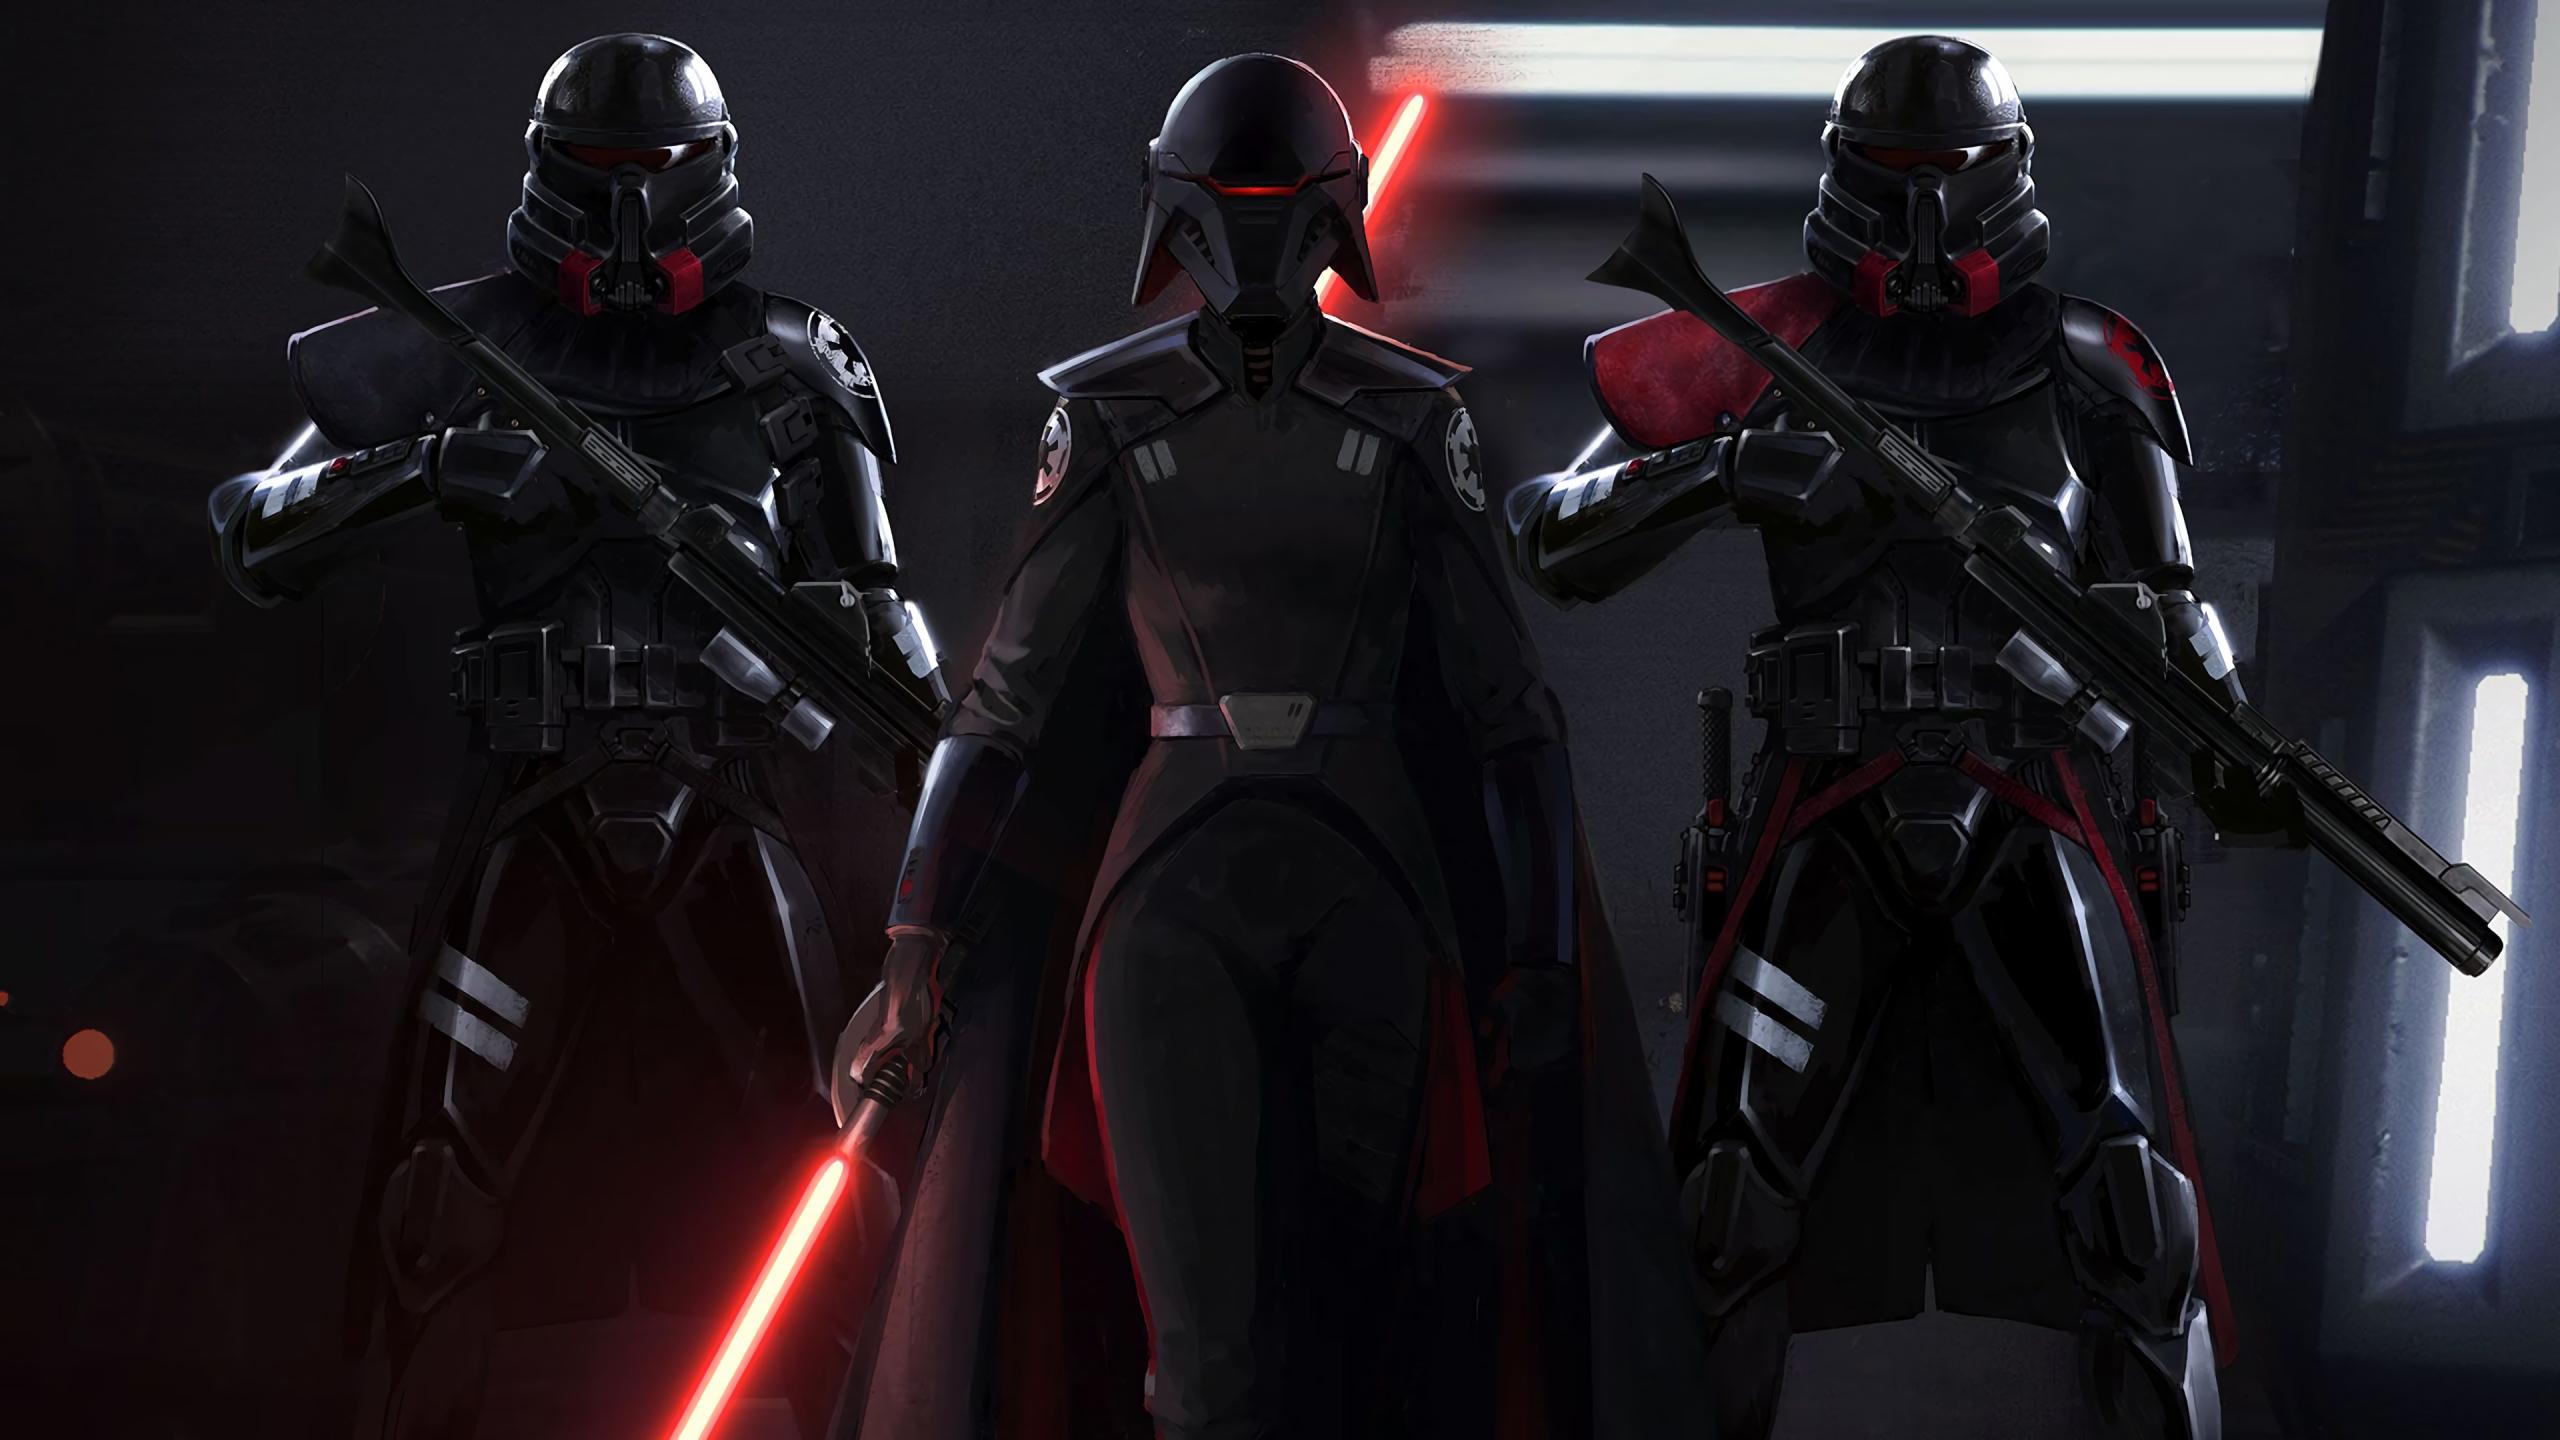 4k Star Wars Wallpaper Posted By Michelle Walker